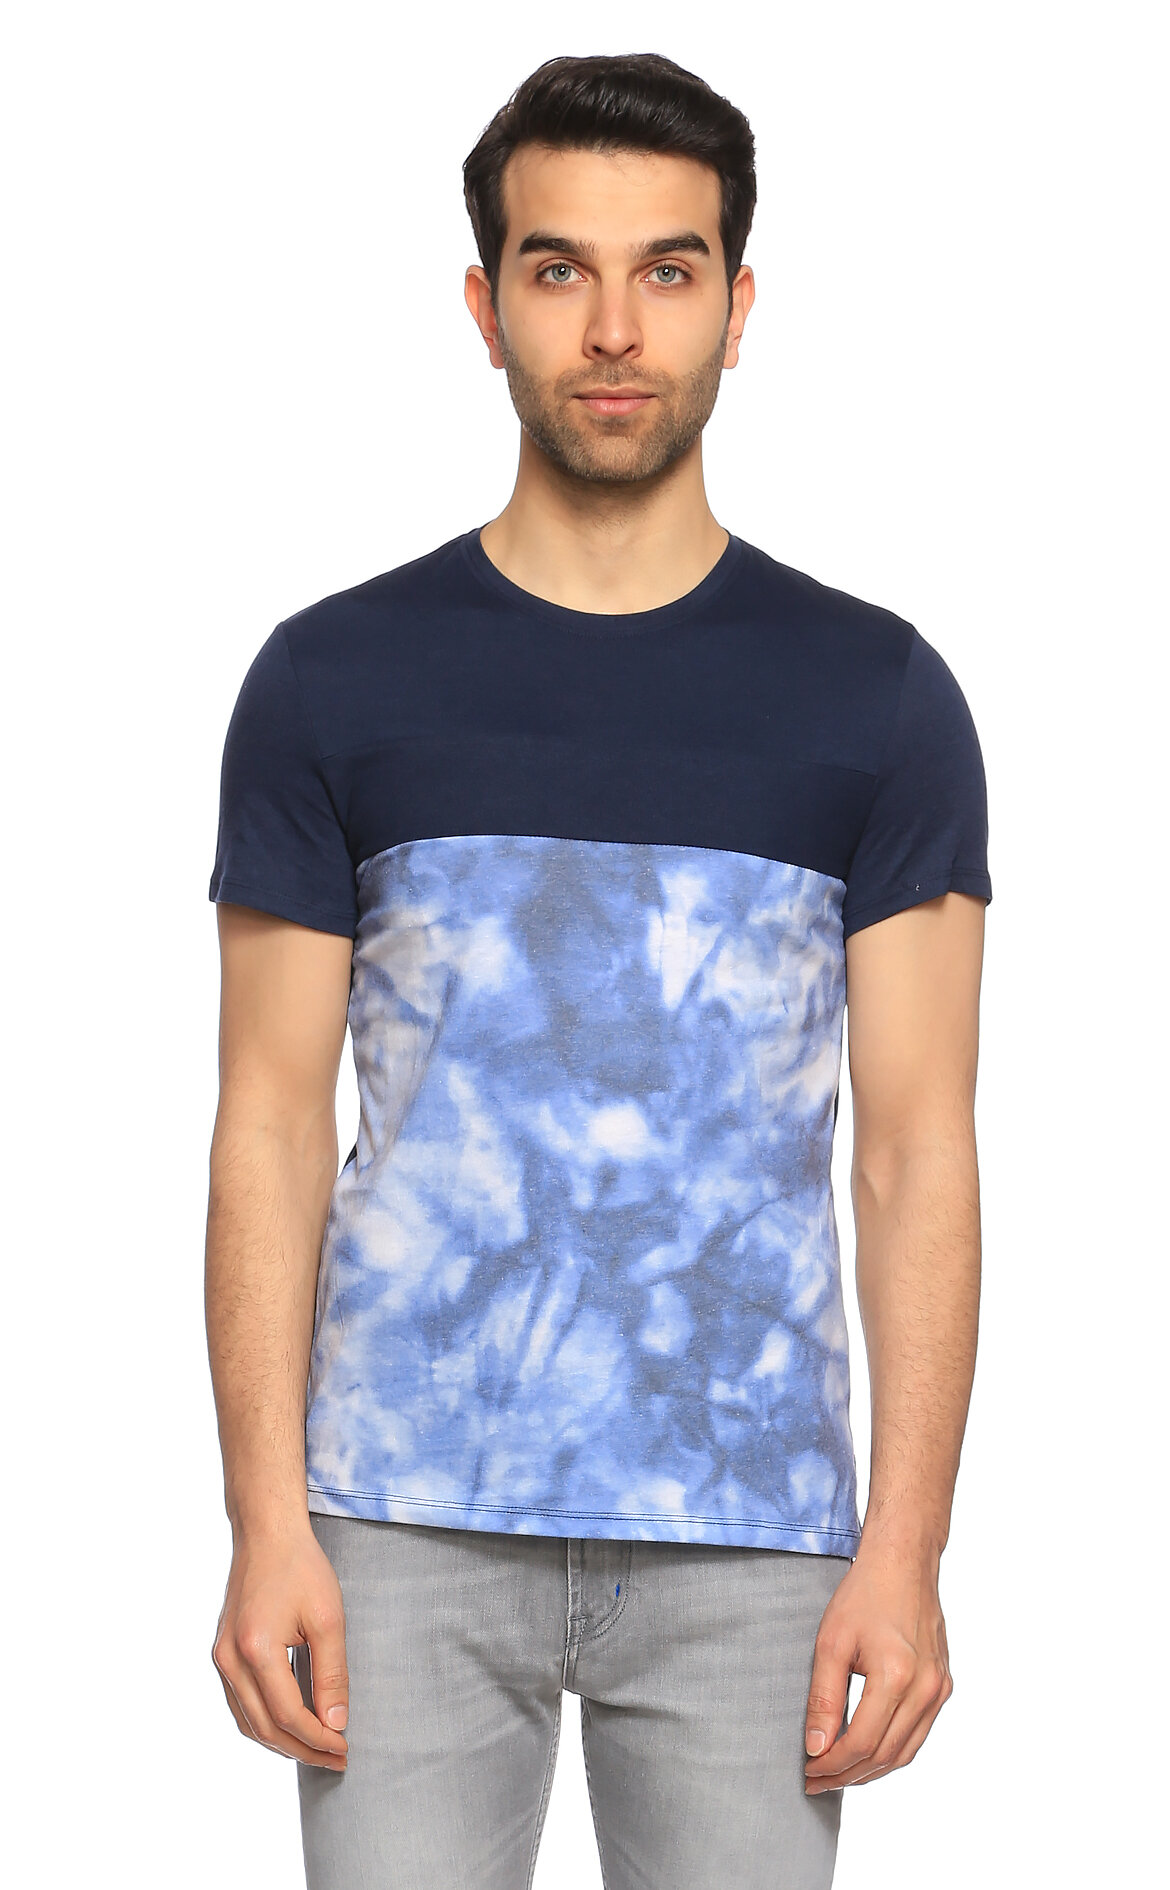 Guess-Guess Baskı Desen Lacivert T-Shirt